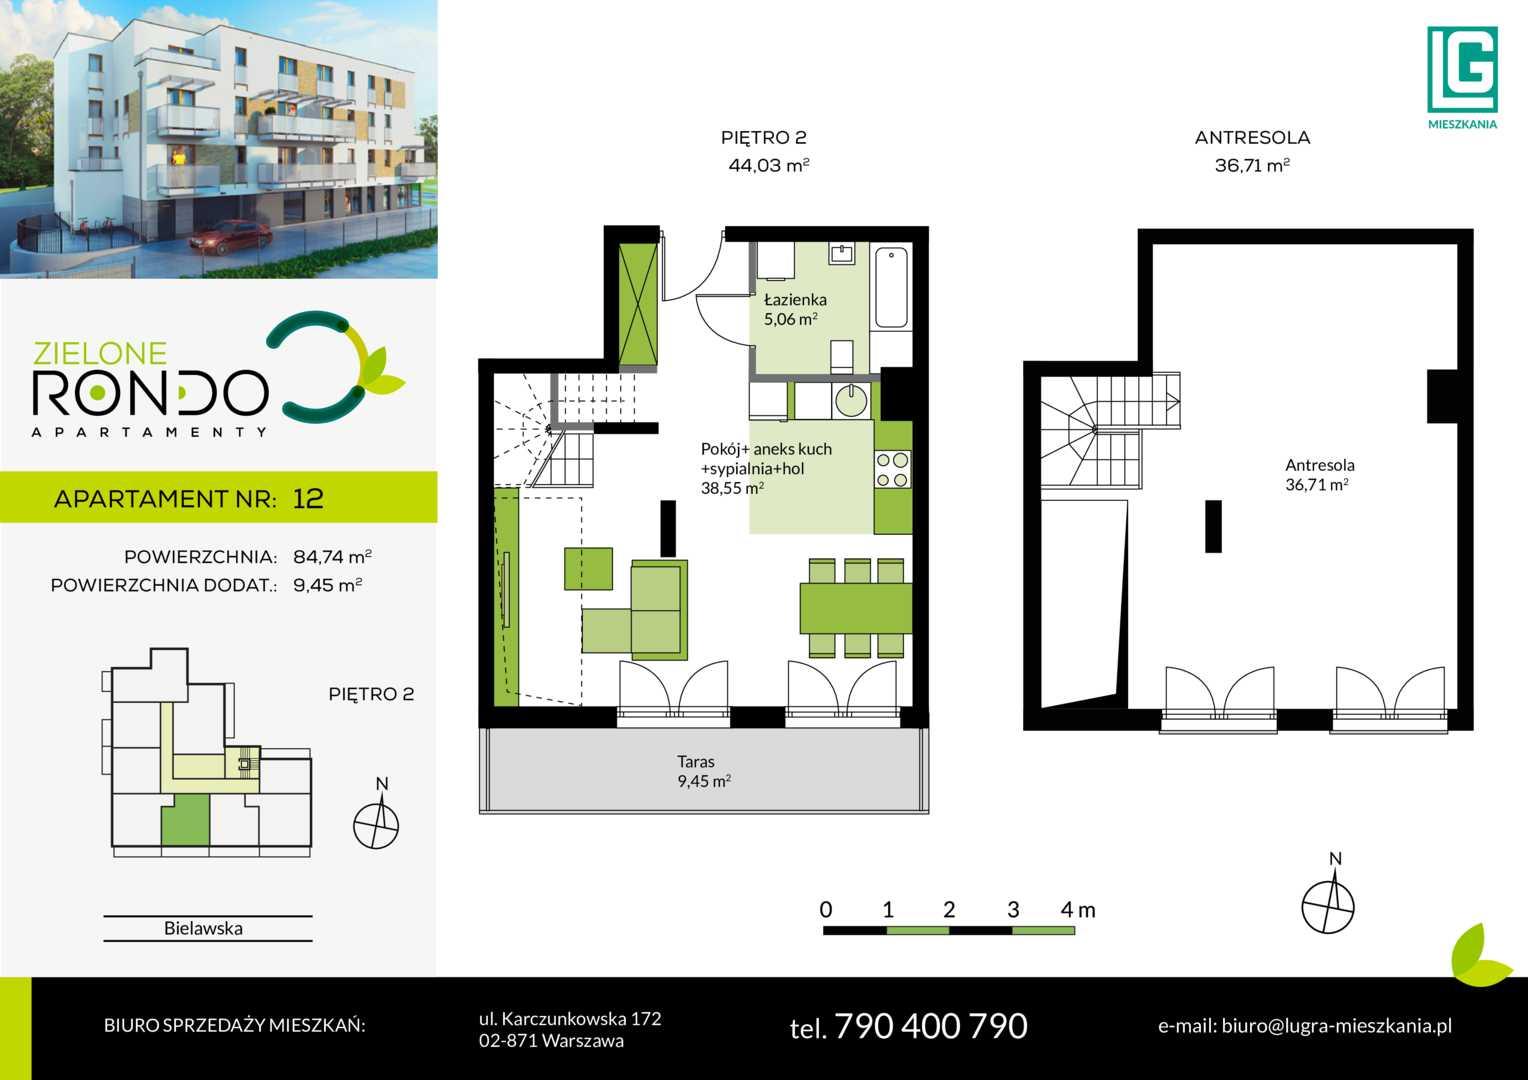 Mieszkanie w inwestycji: Zielone Rondo